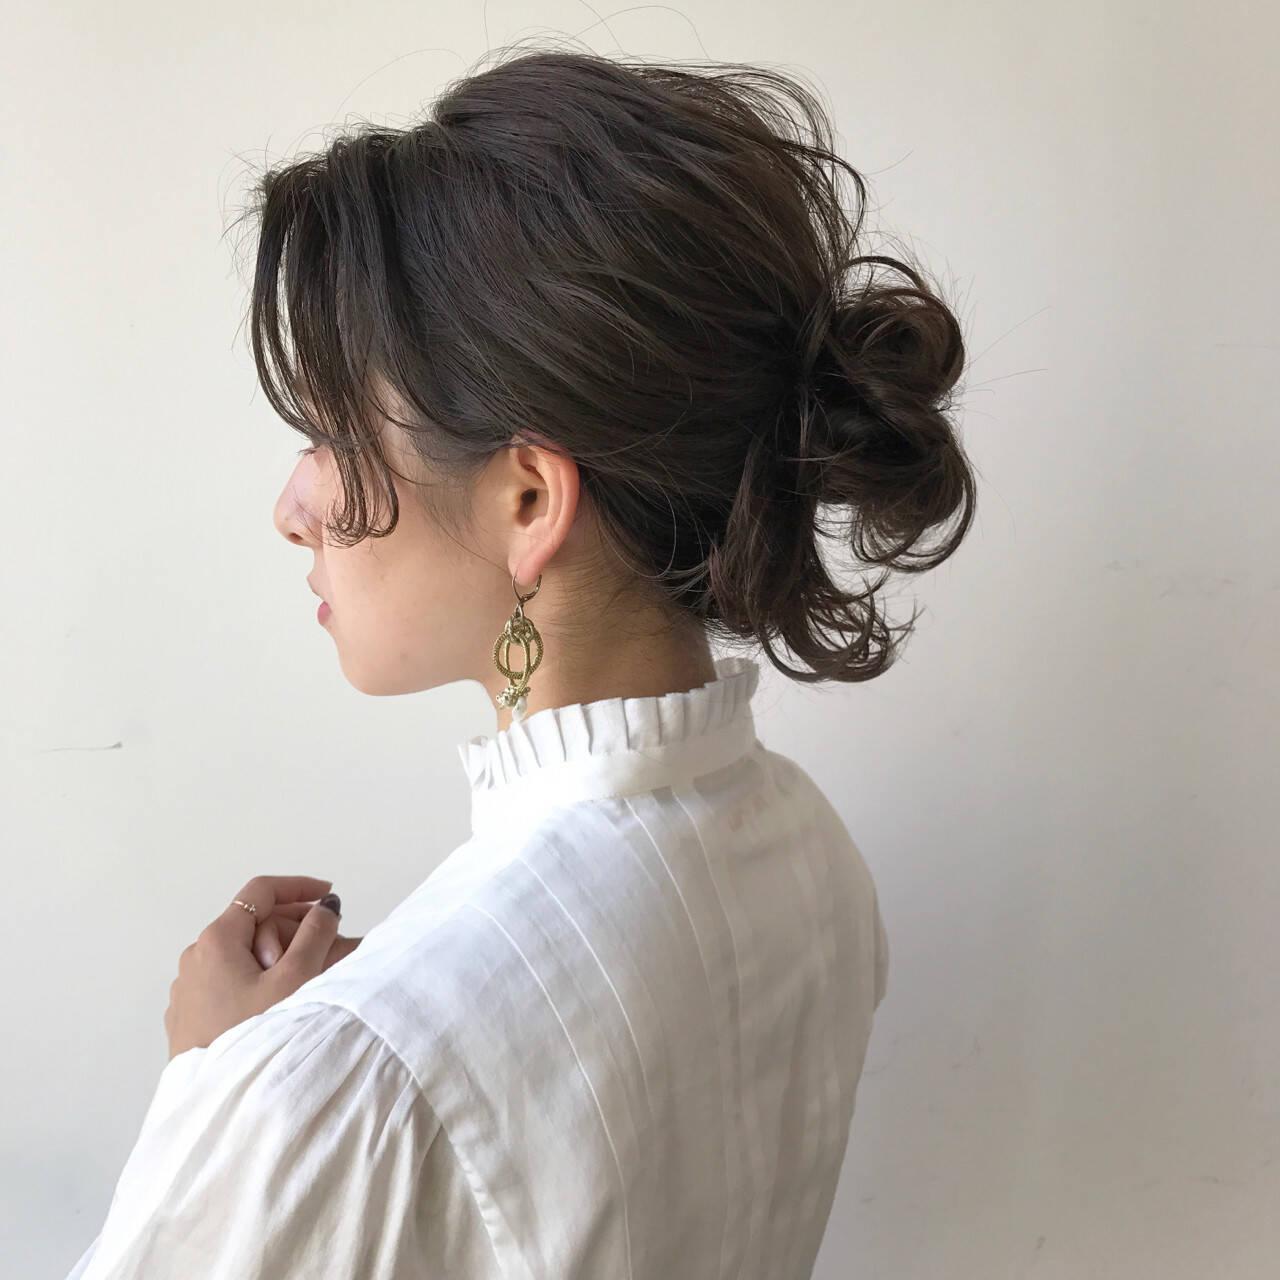 ミディアム ハーフアップ フリンジバング アッシュヘアスタイルや髪型の写真・画像